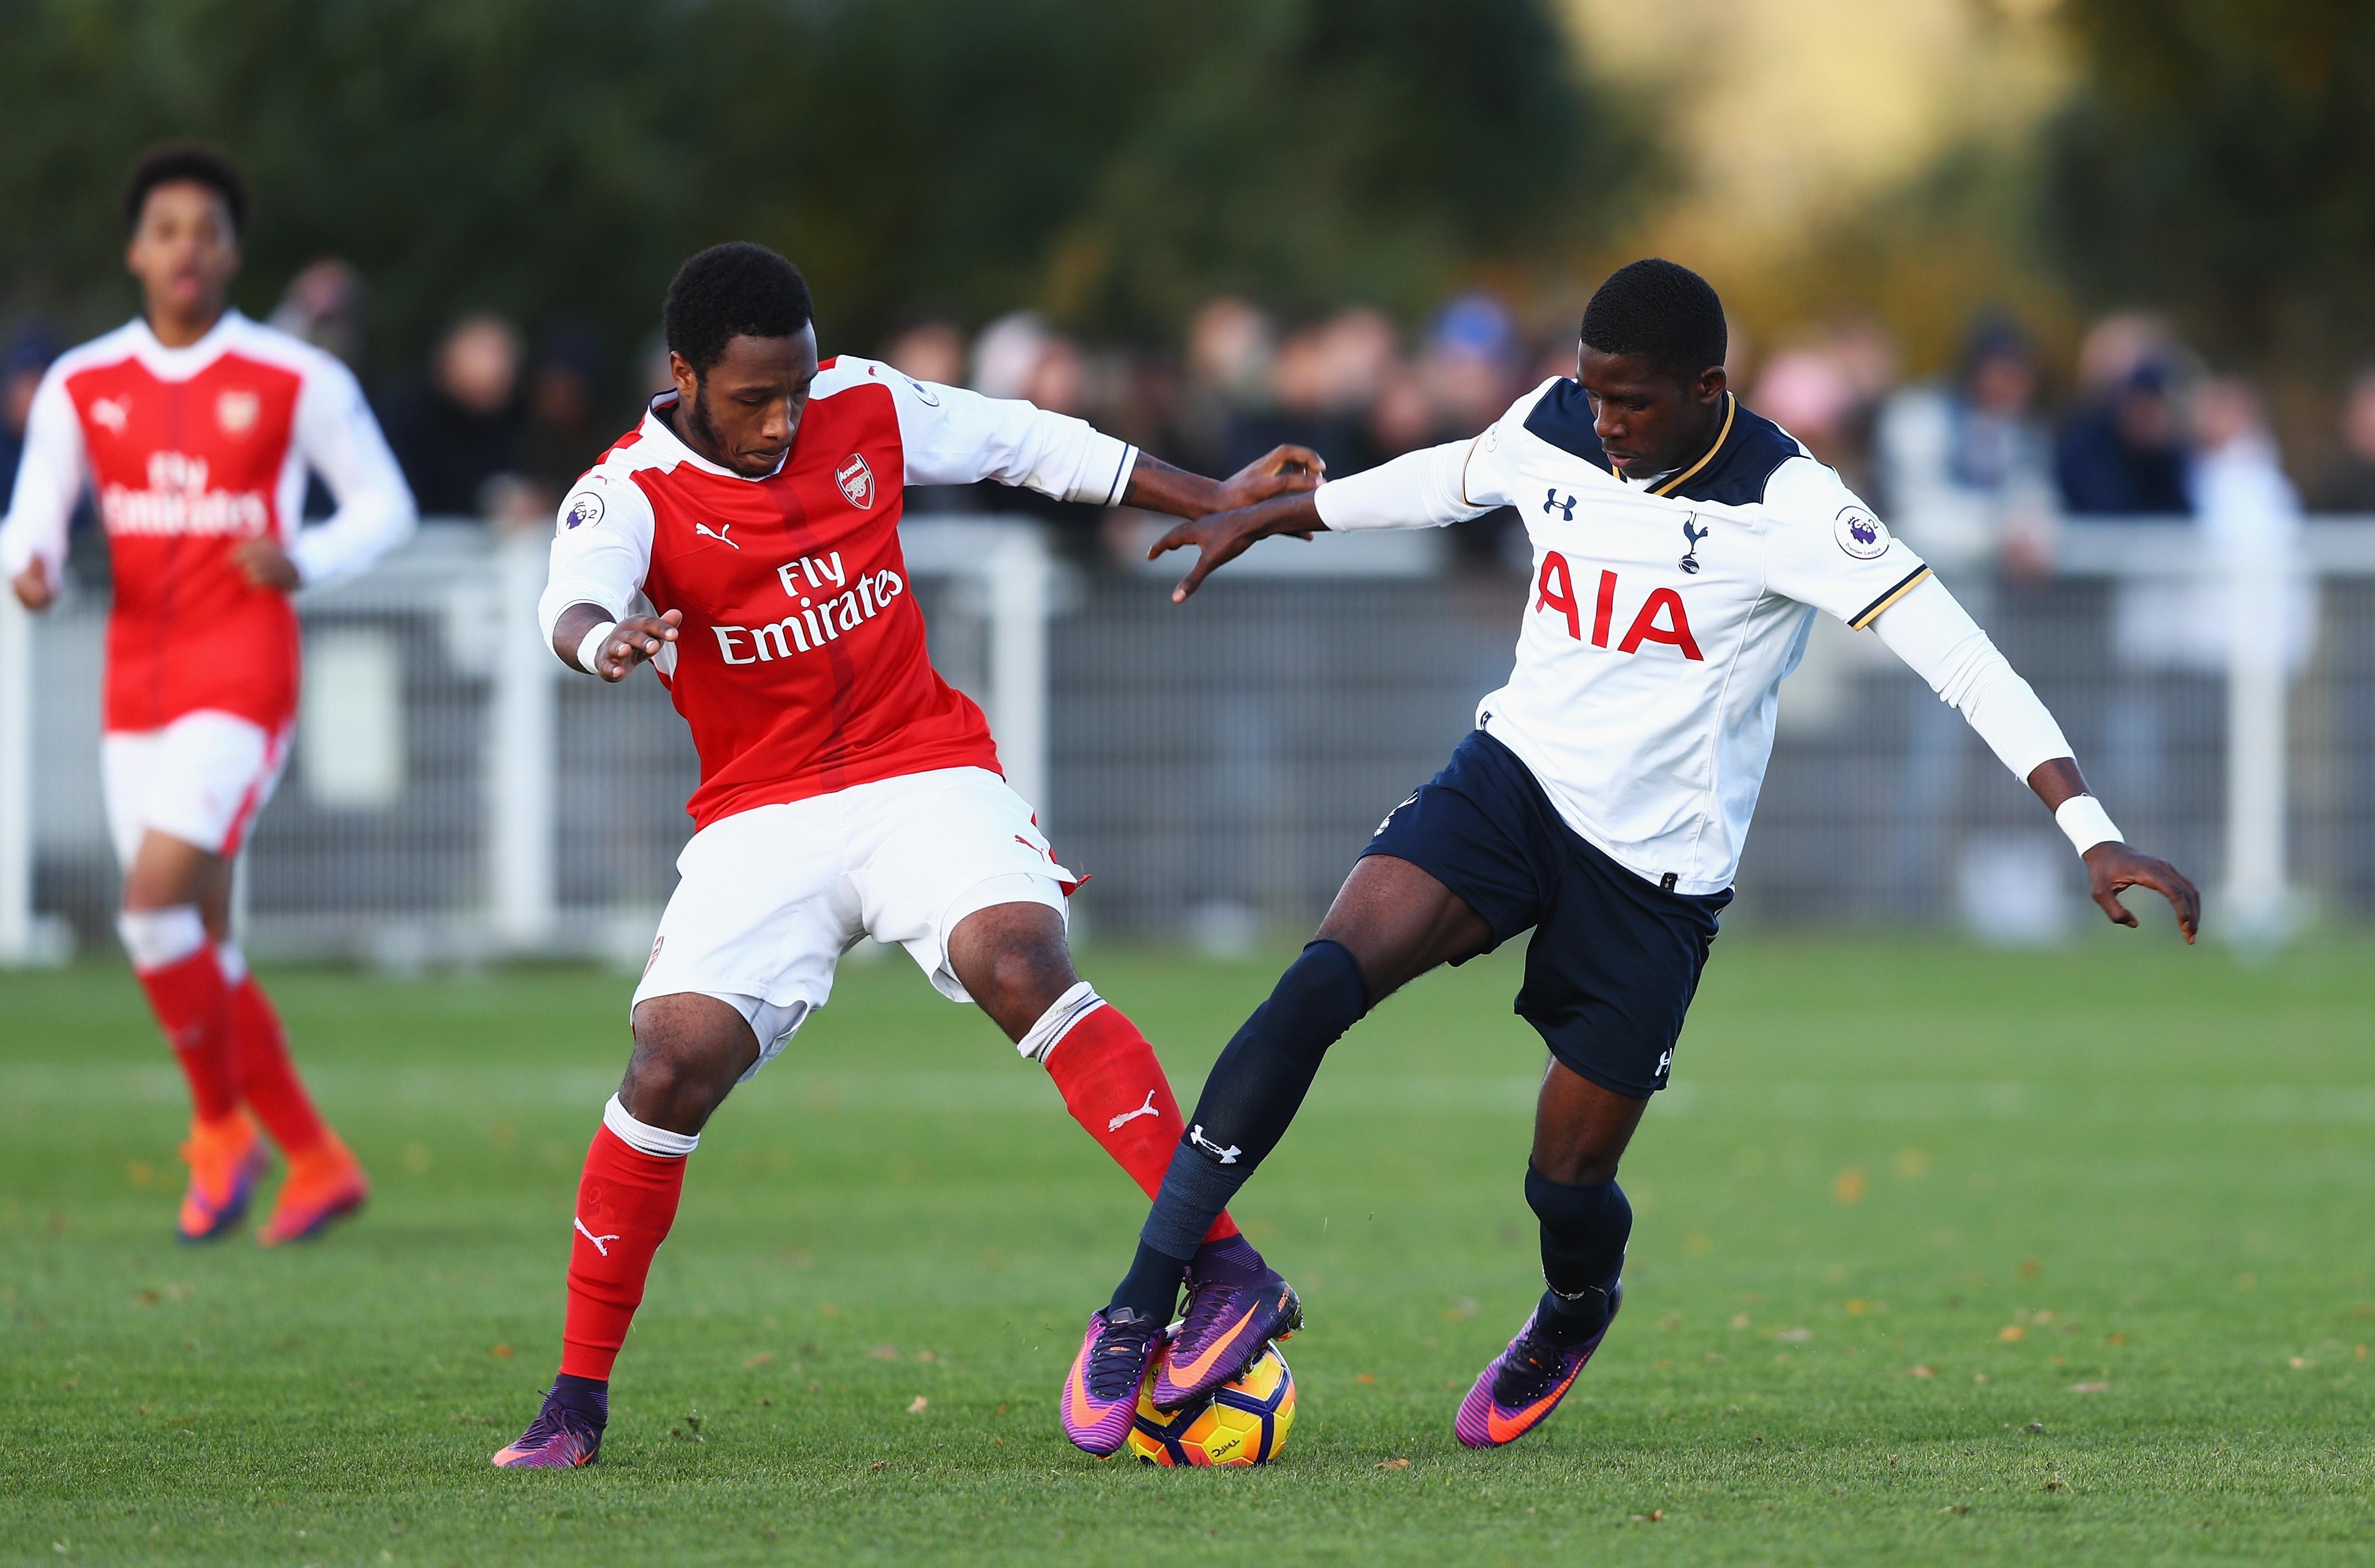 Arsenal earn north London derby win